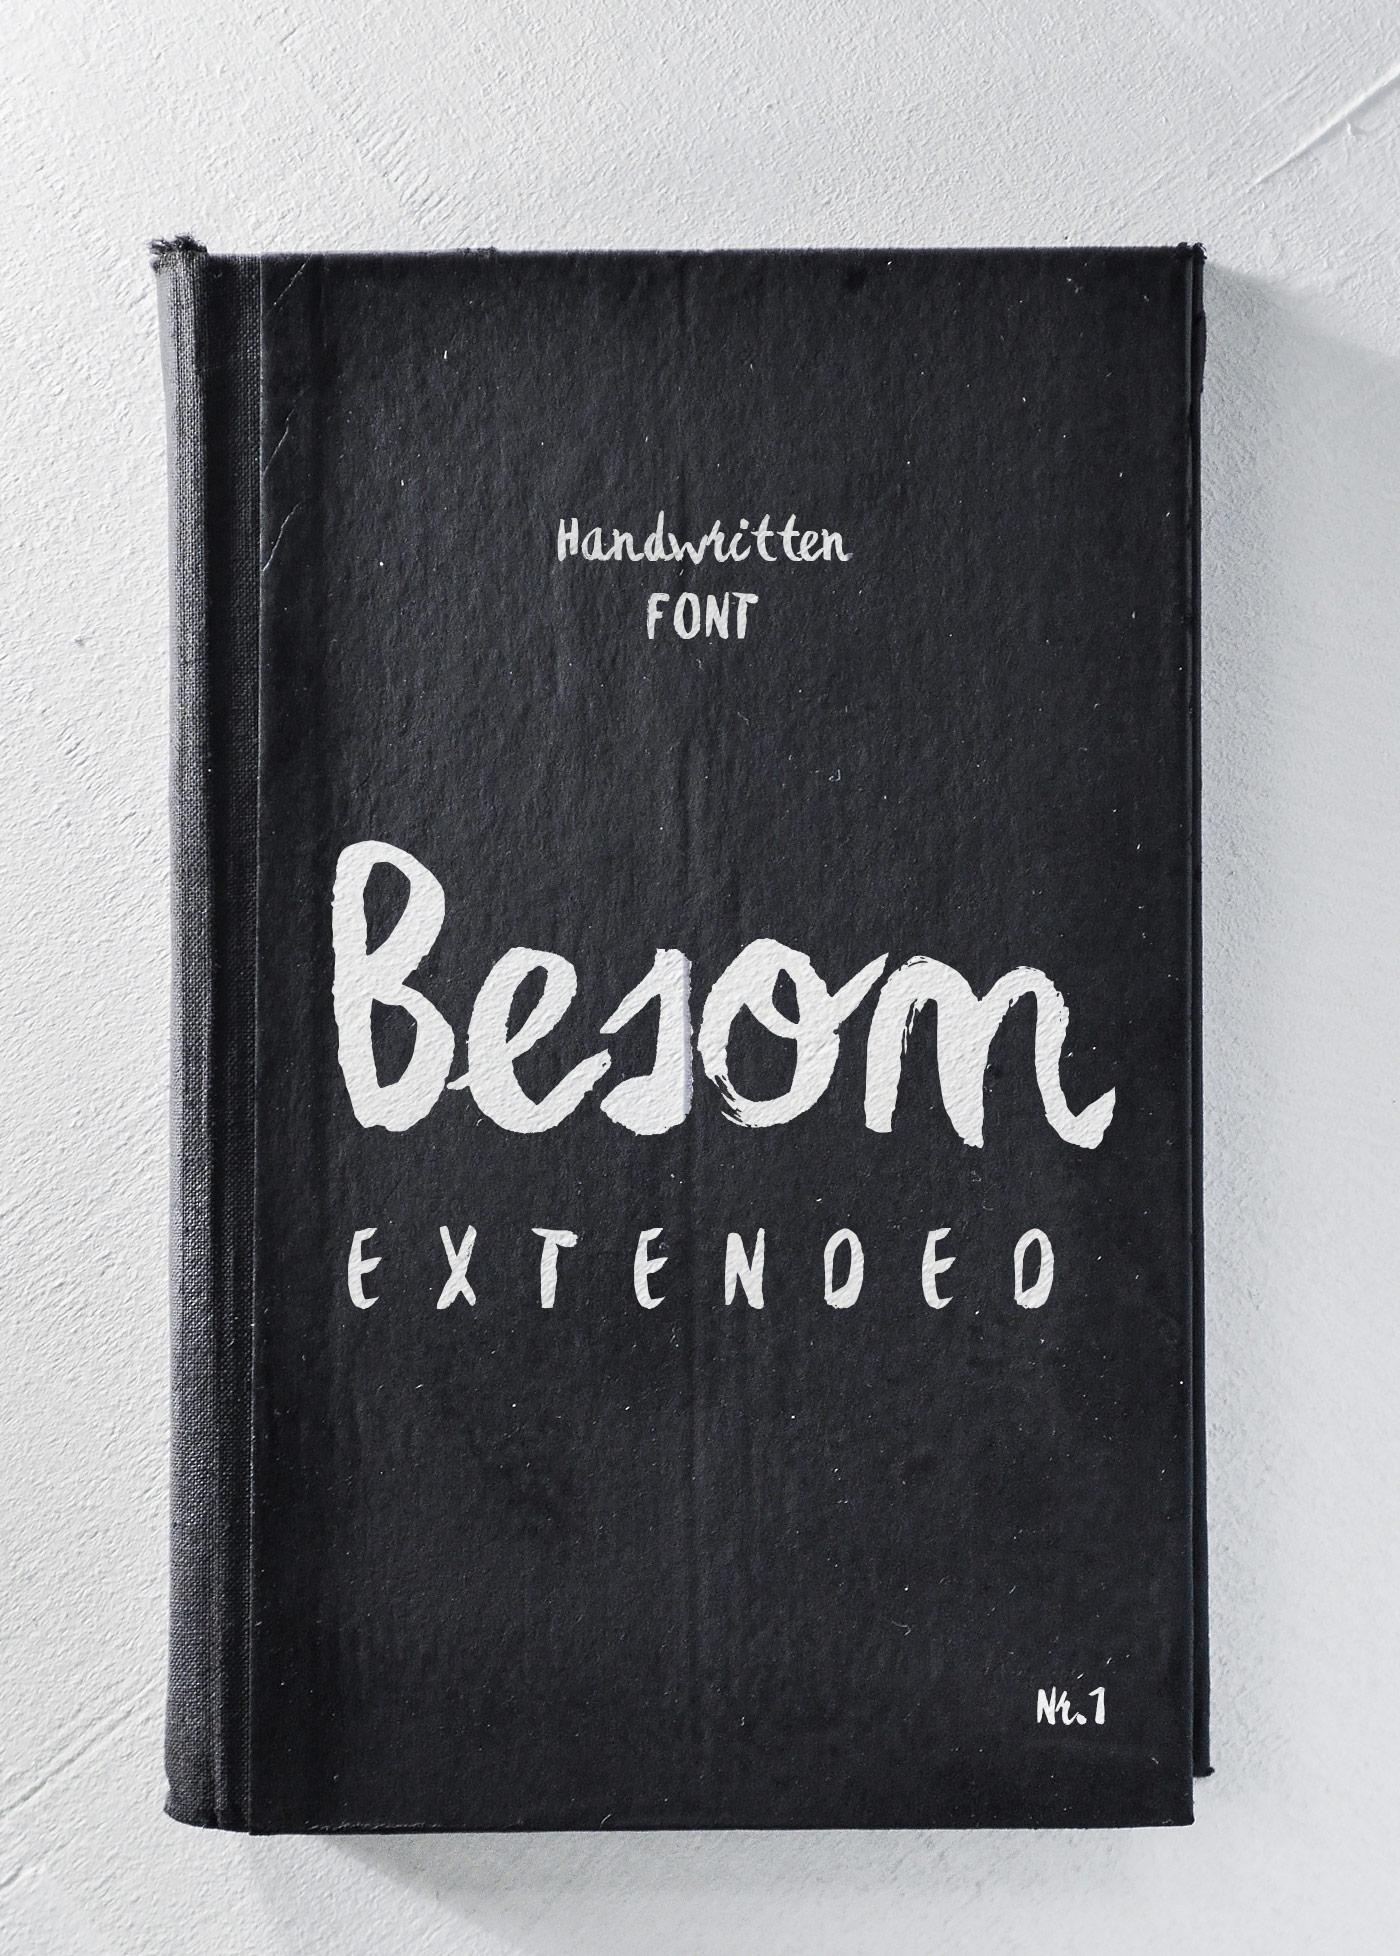 Besom Extended Brush Font